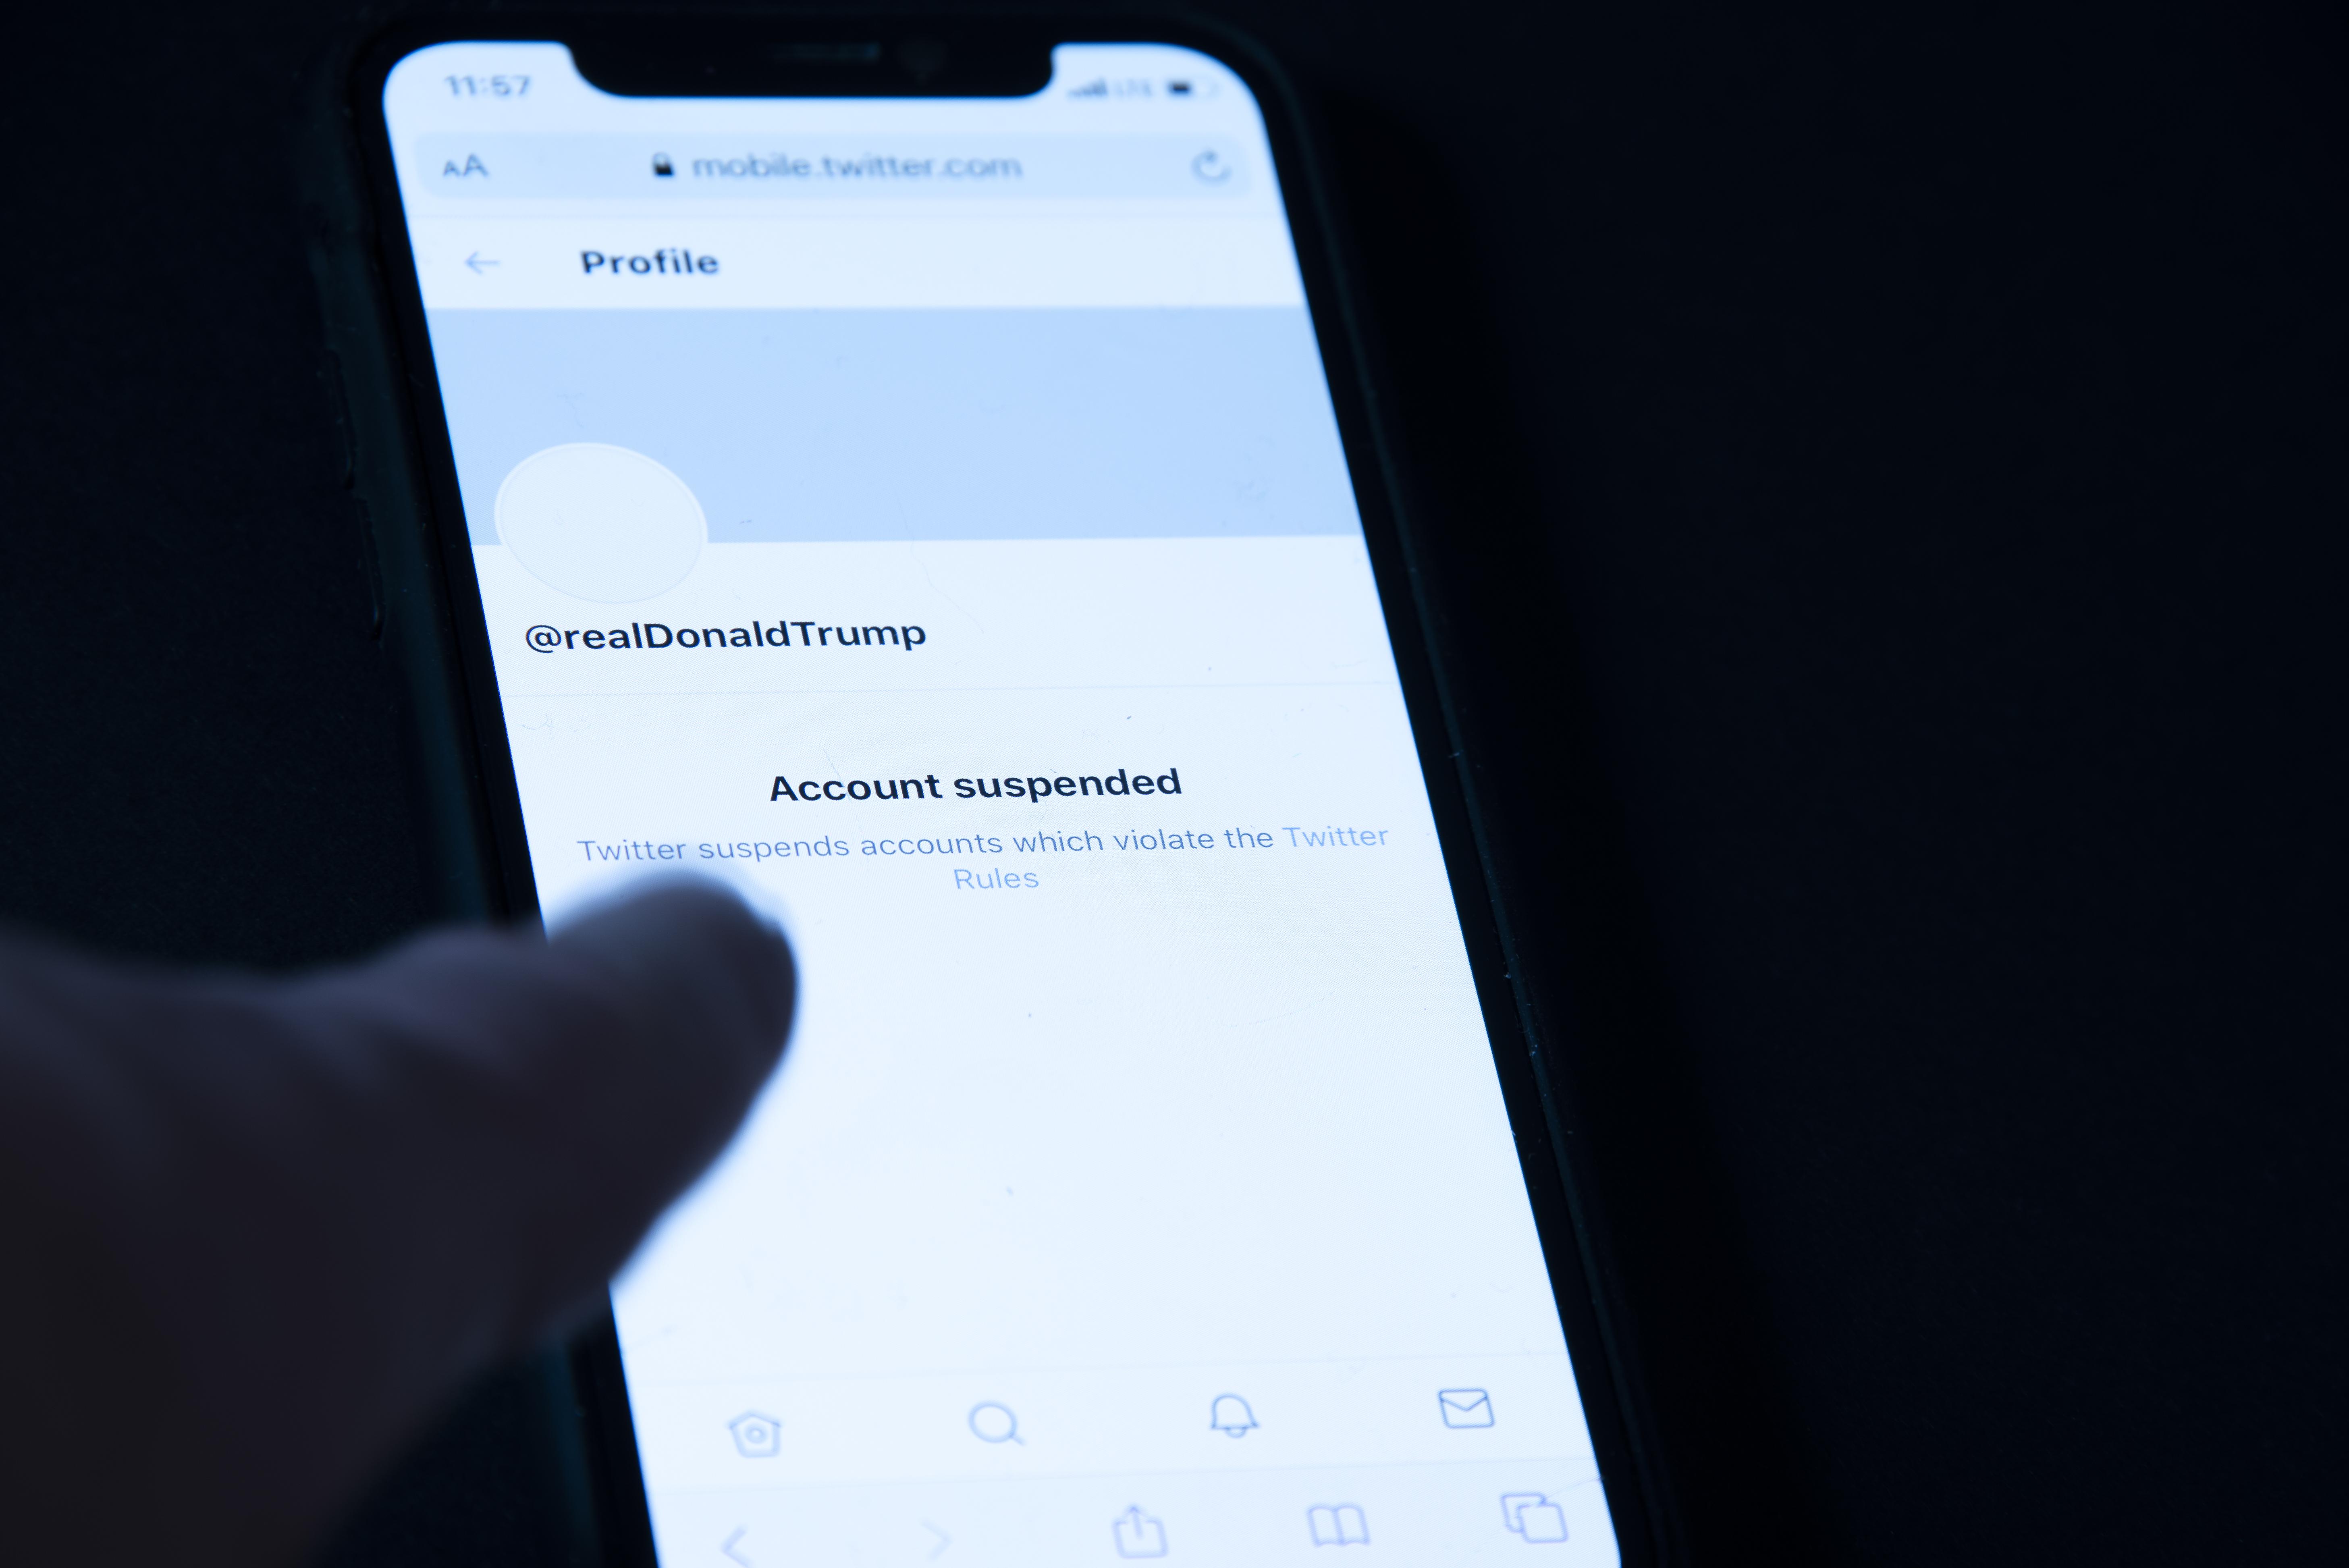 Sokkal kevesebb hamis információ kering az amerikai elnökválasztásról, mióta Trumpot eltüntették az internetről